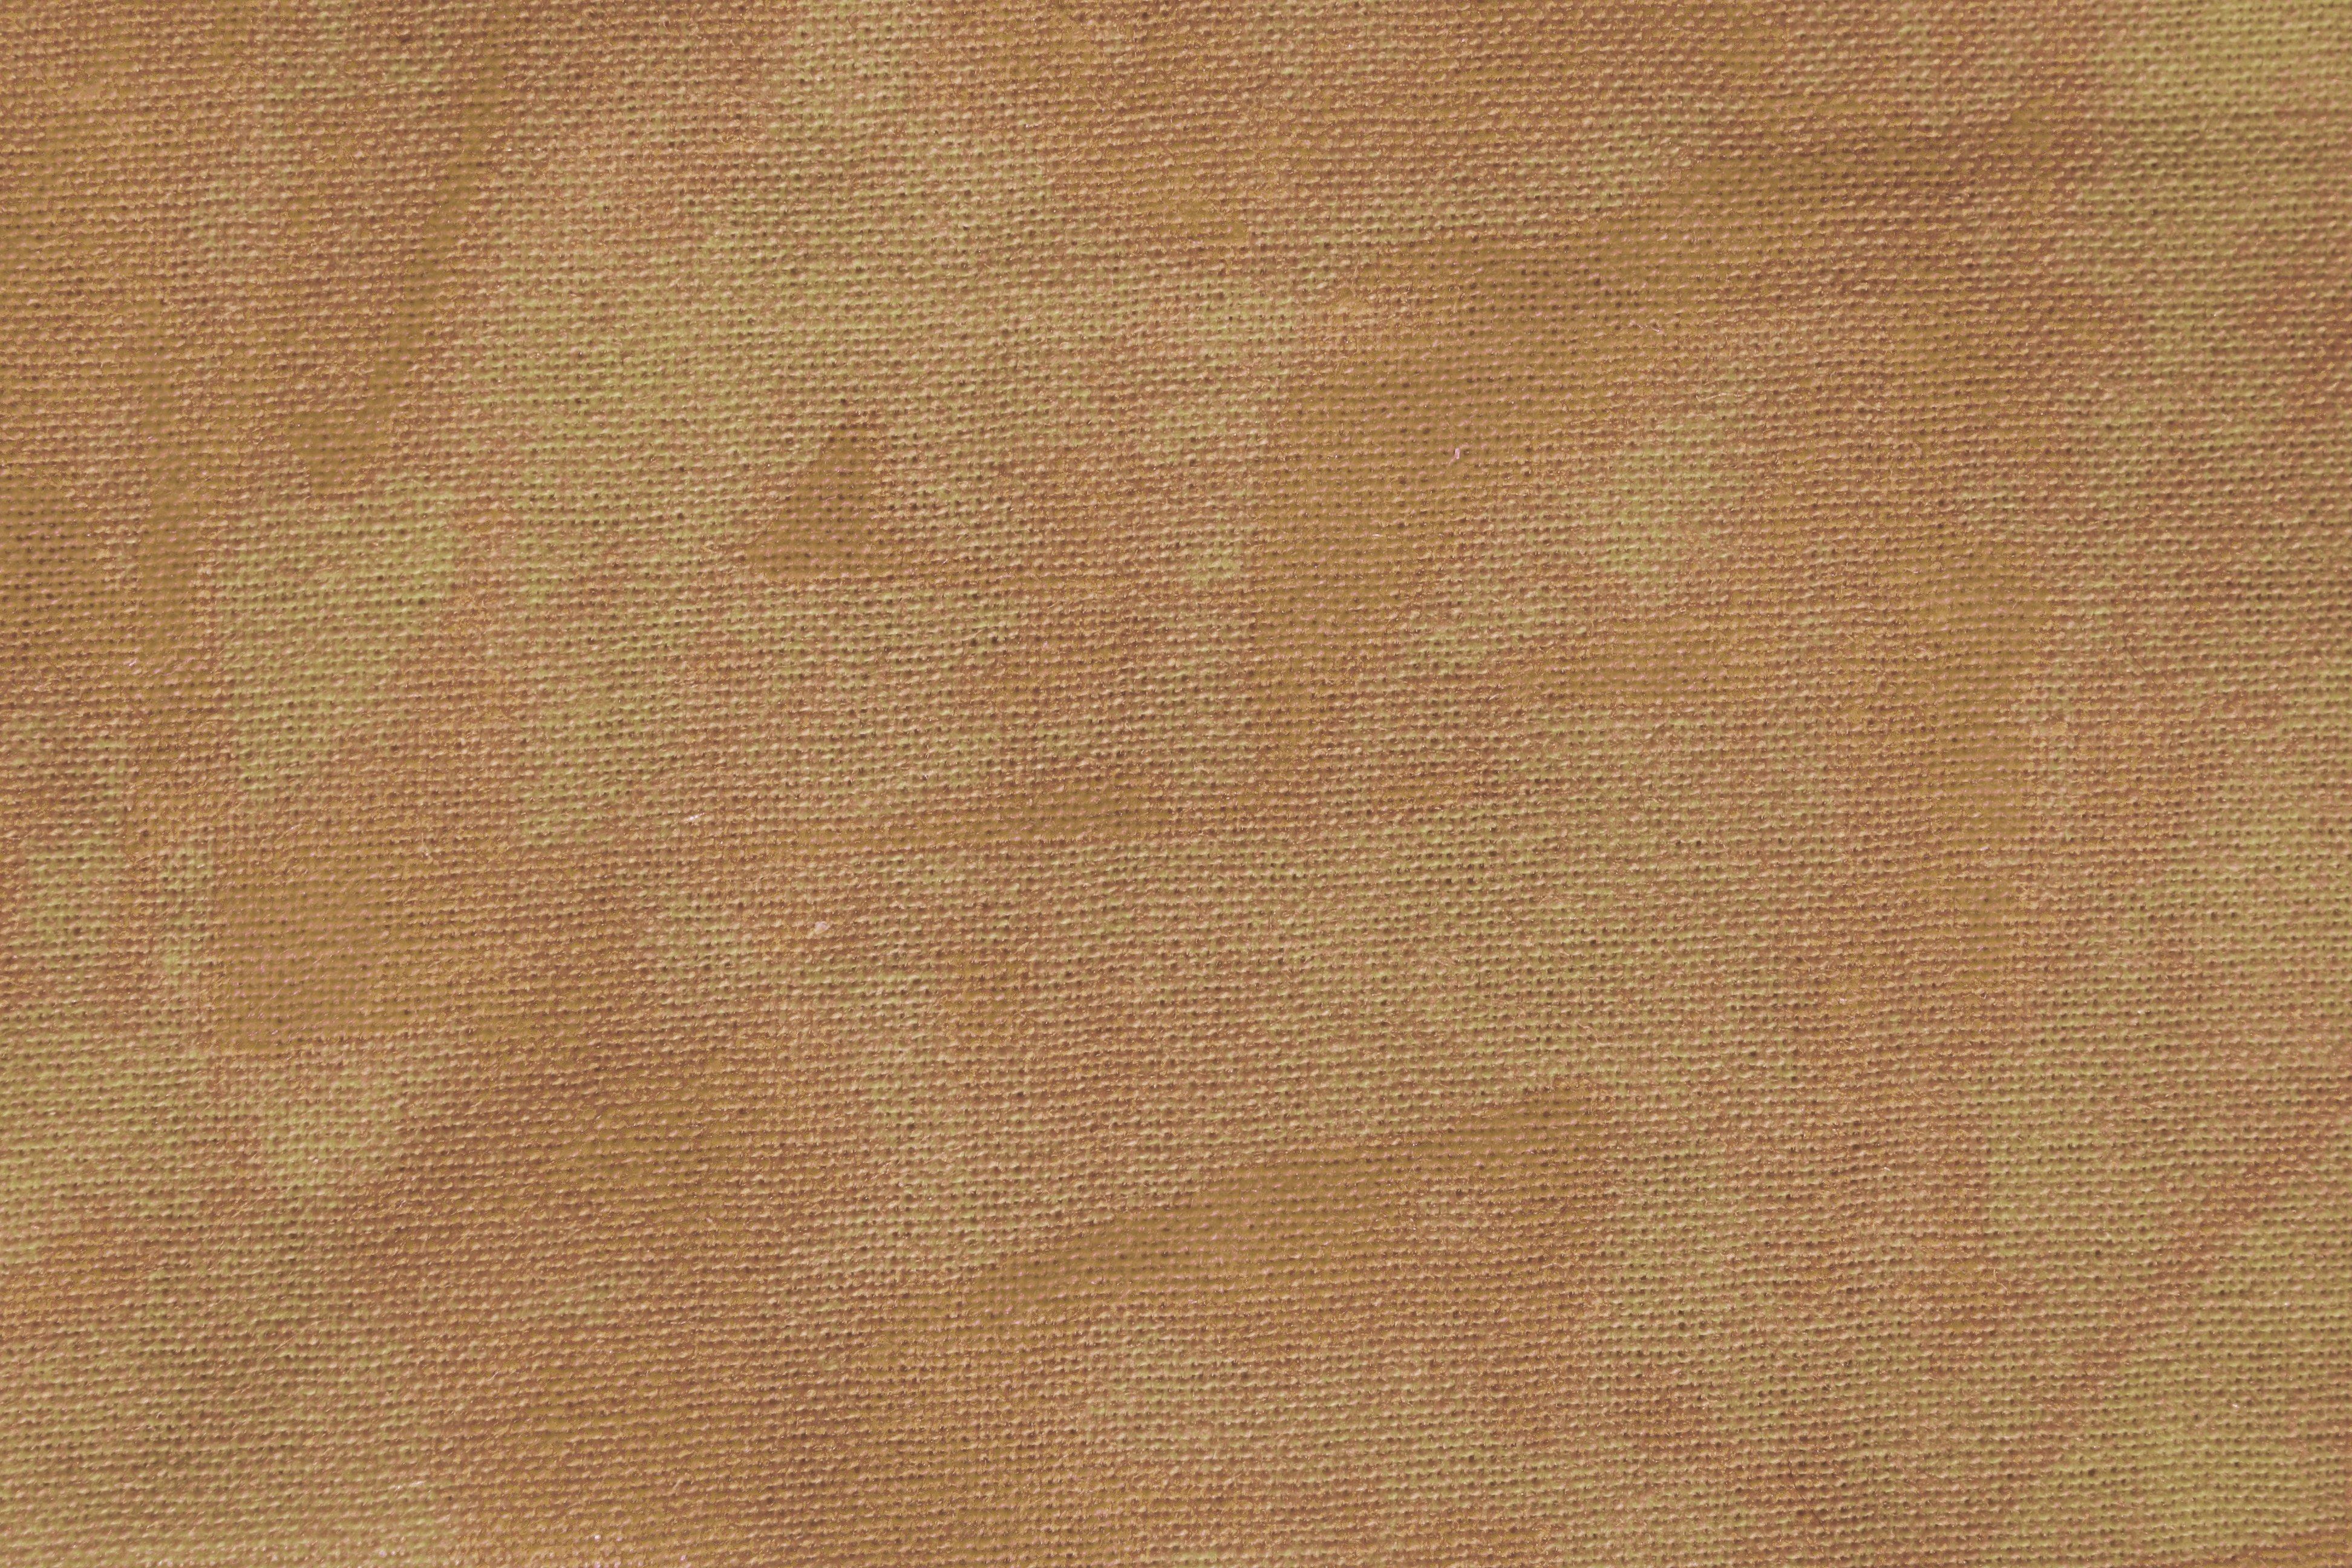 Http Wallpapersafari Com Light Brown Wallpaper